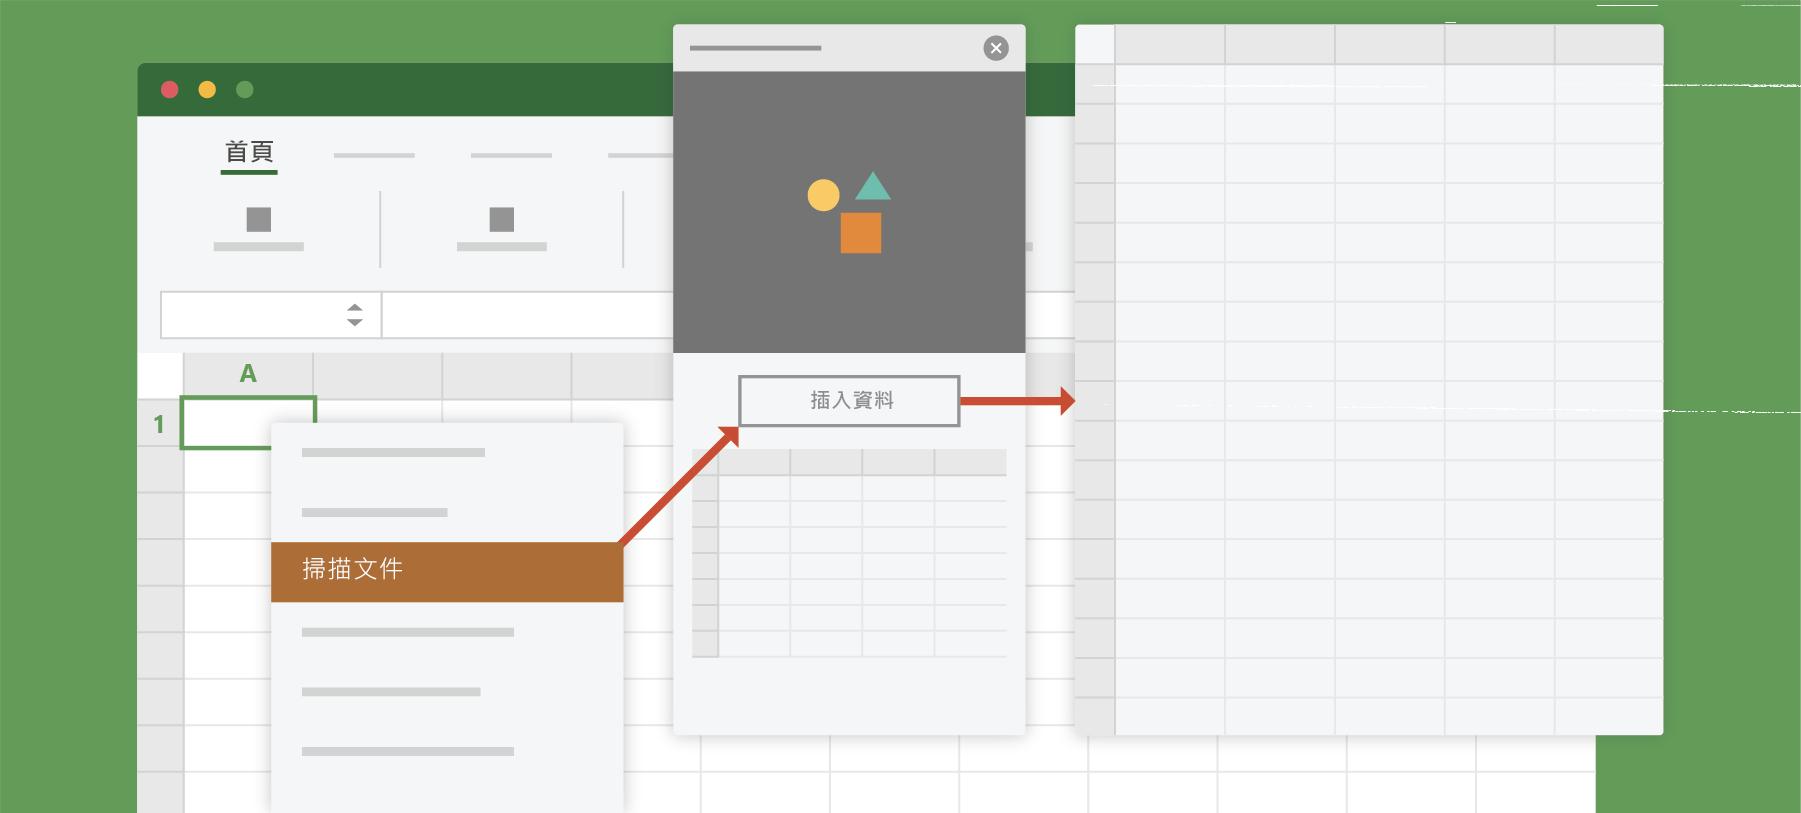 顯示 Excel 中的[掃描]檔案選項